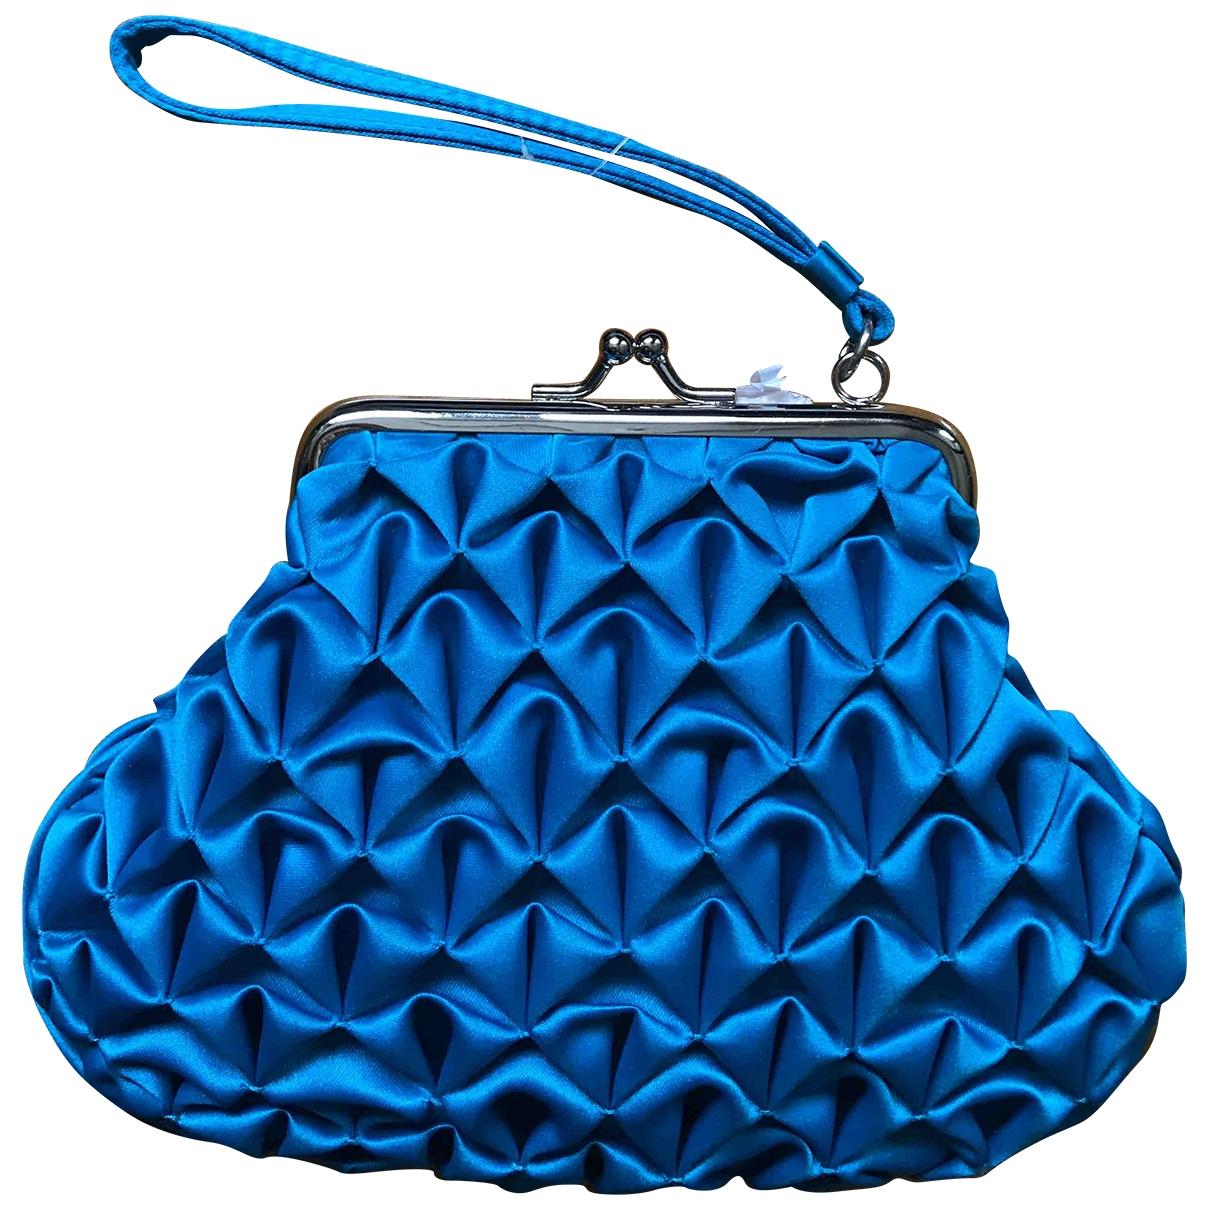 Bolsos clutch en Poliester Azul Moschino Love